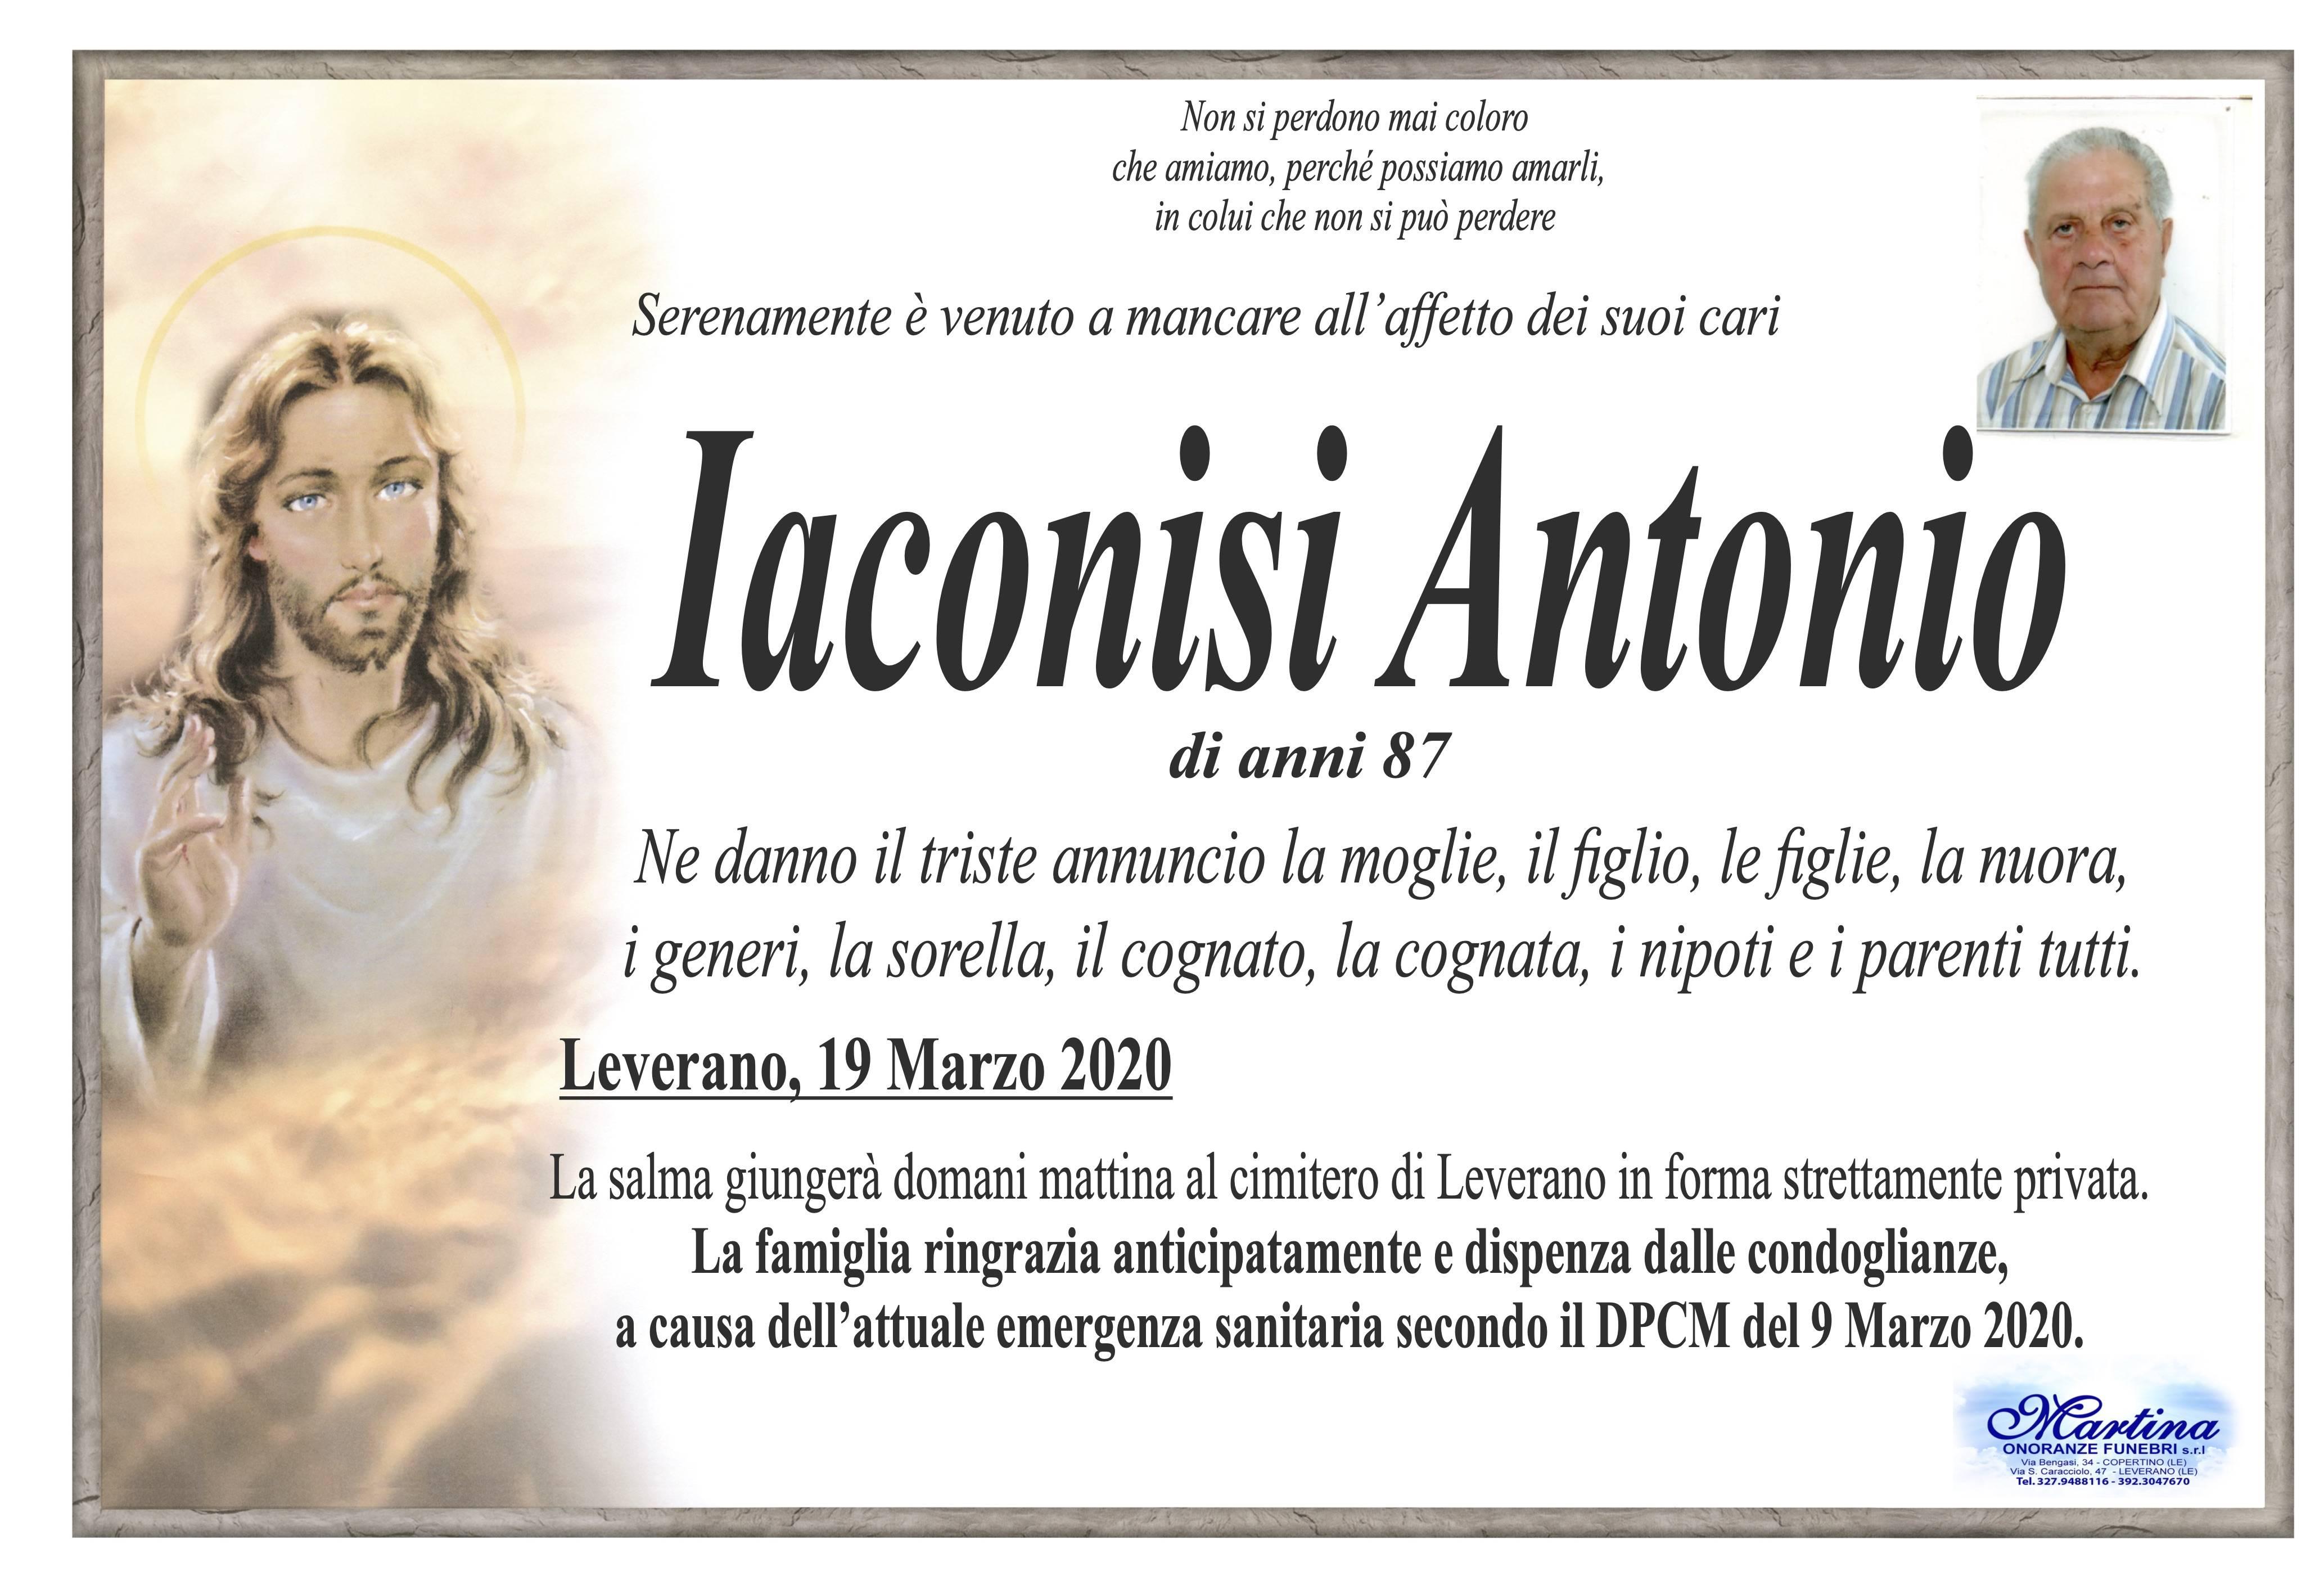 Antonio Iaconisi